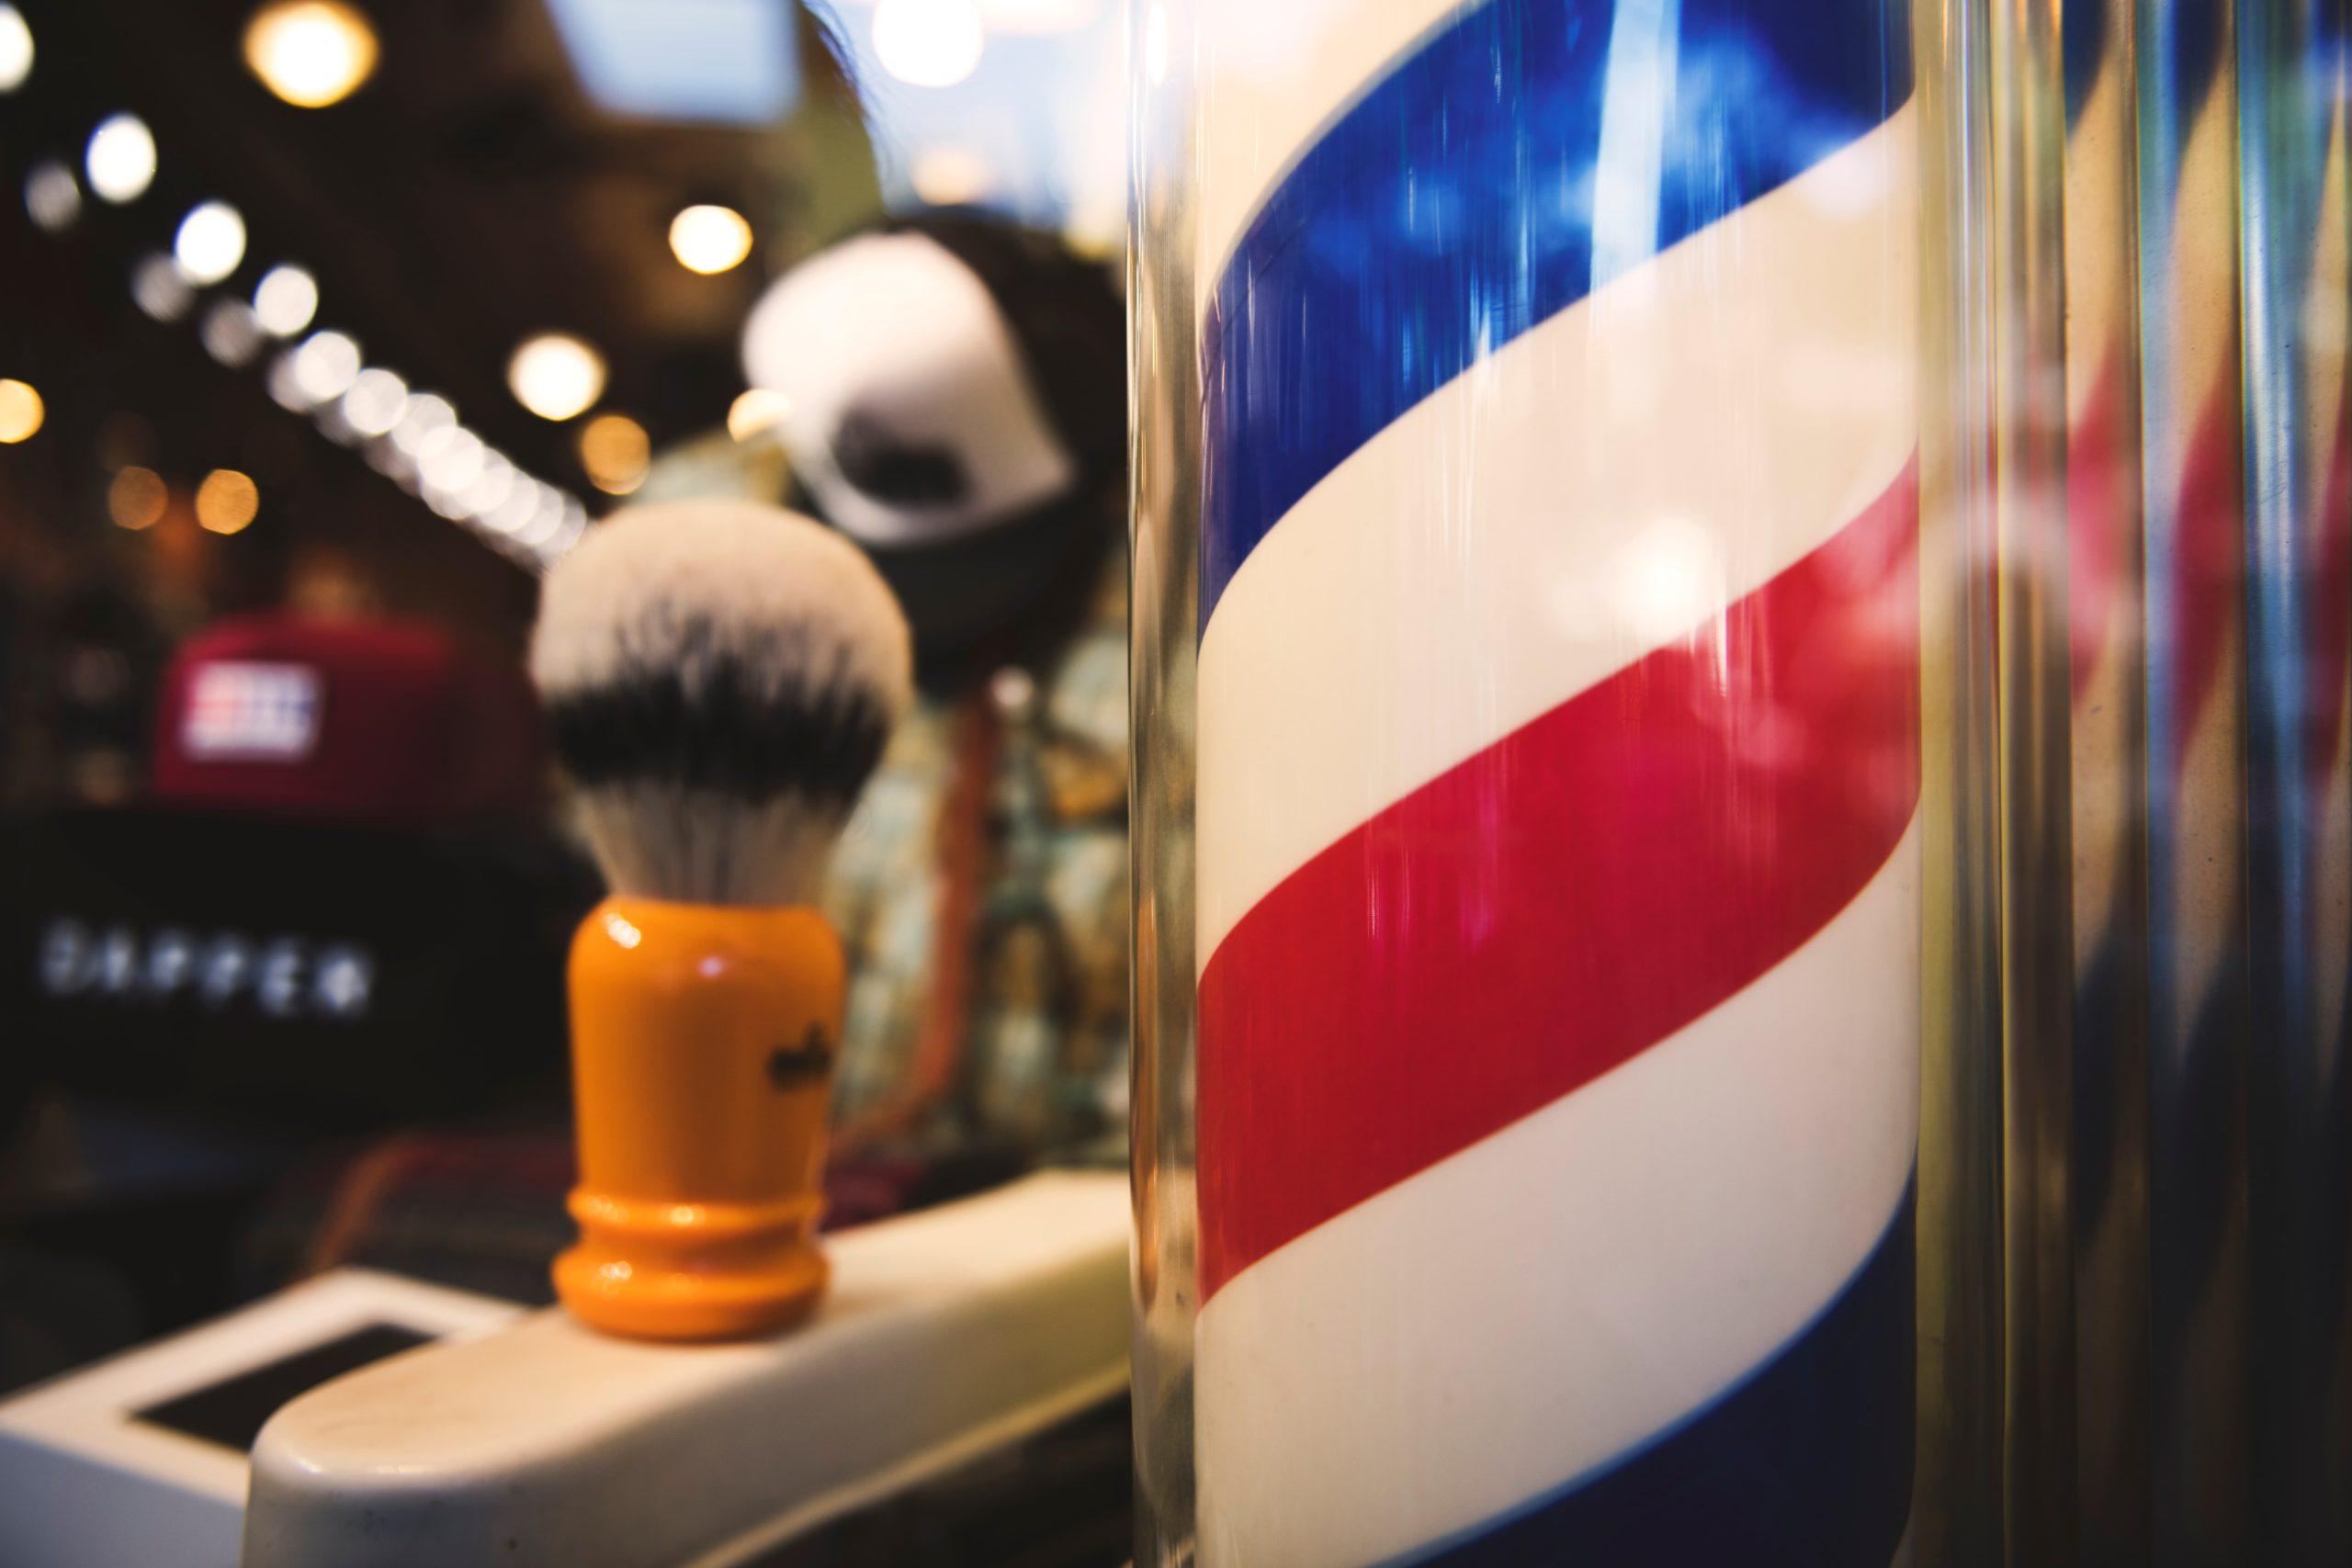 Barber shop courtesy of Tim Mossholder (Unsplash)